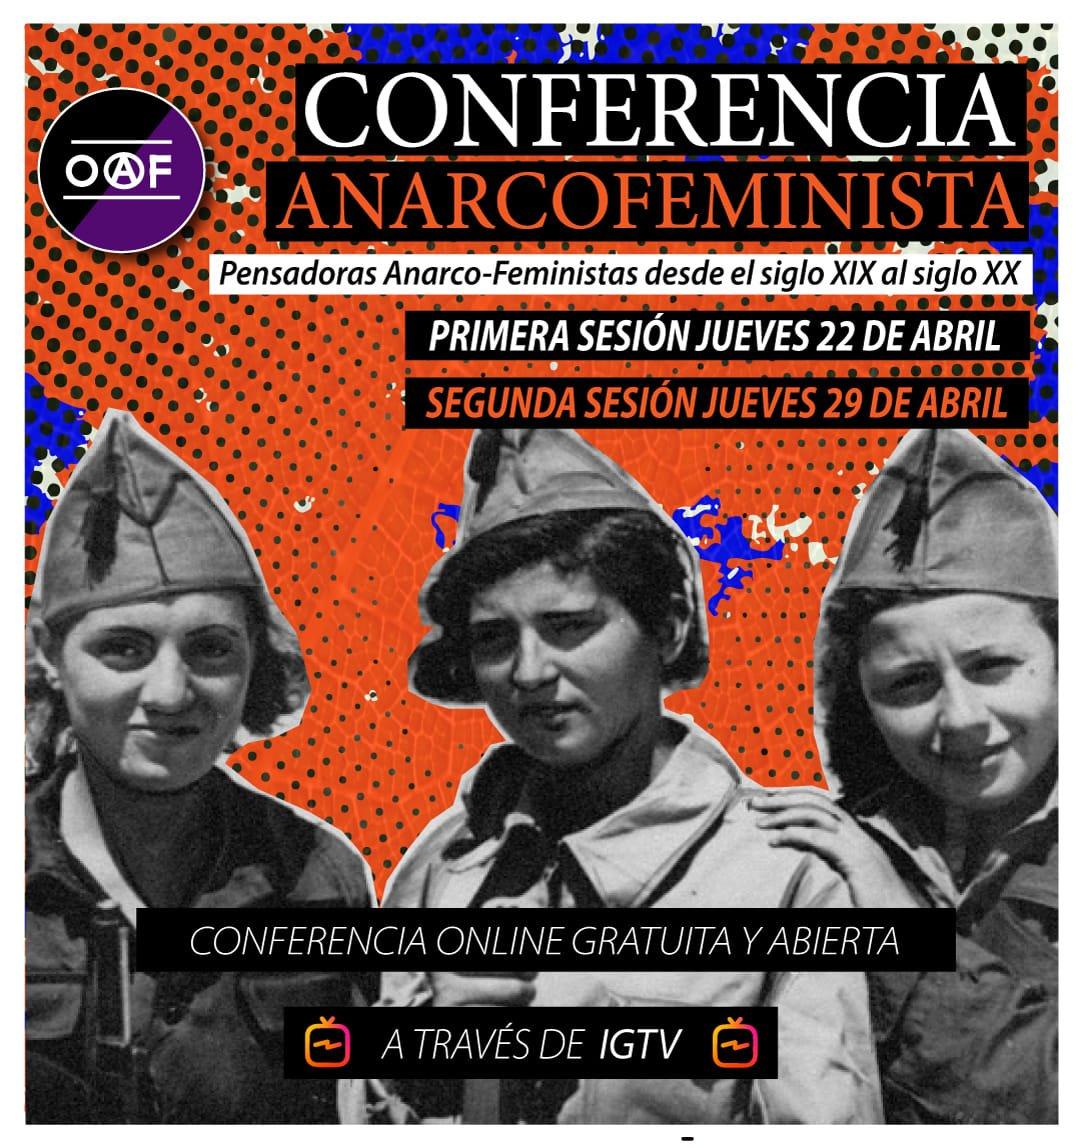 Conferència anarcofeminista